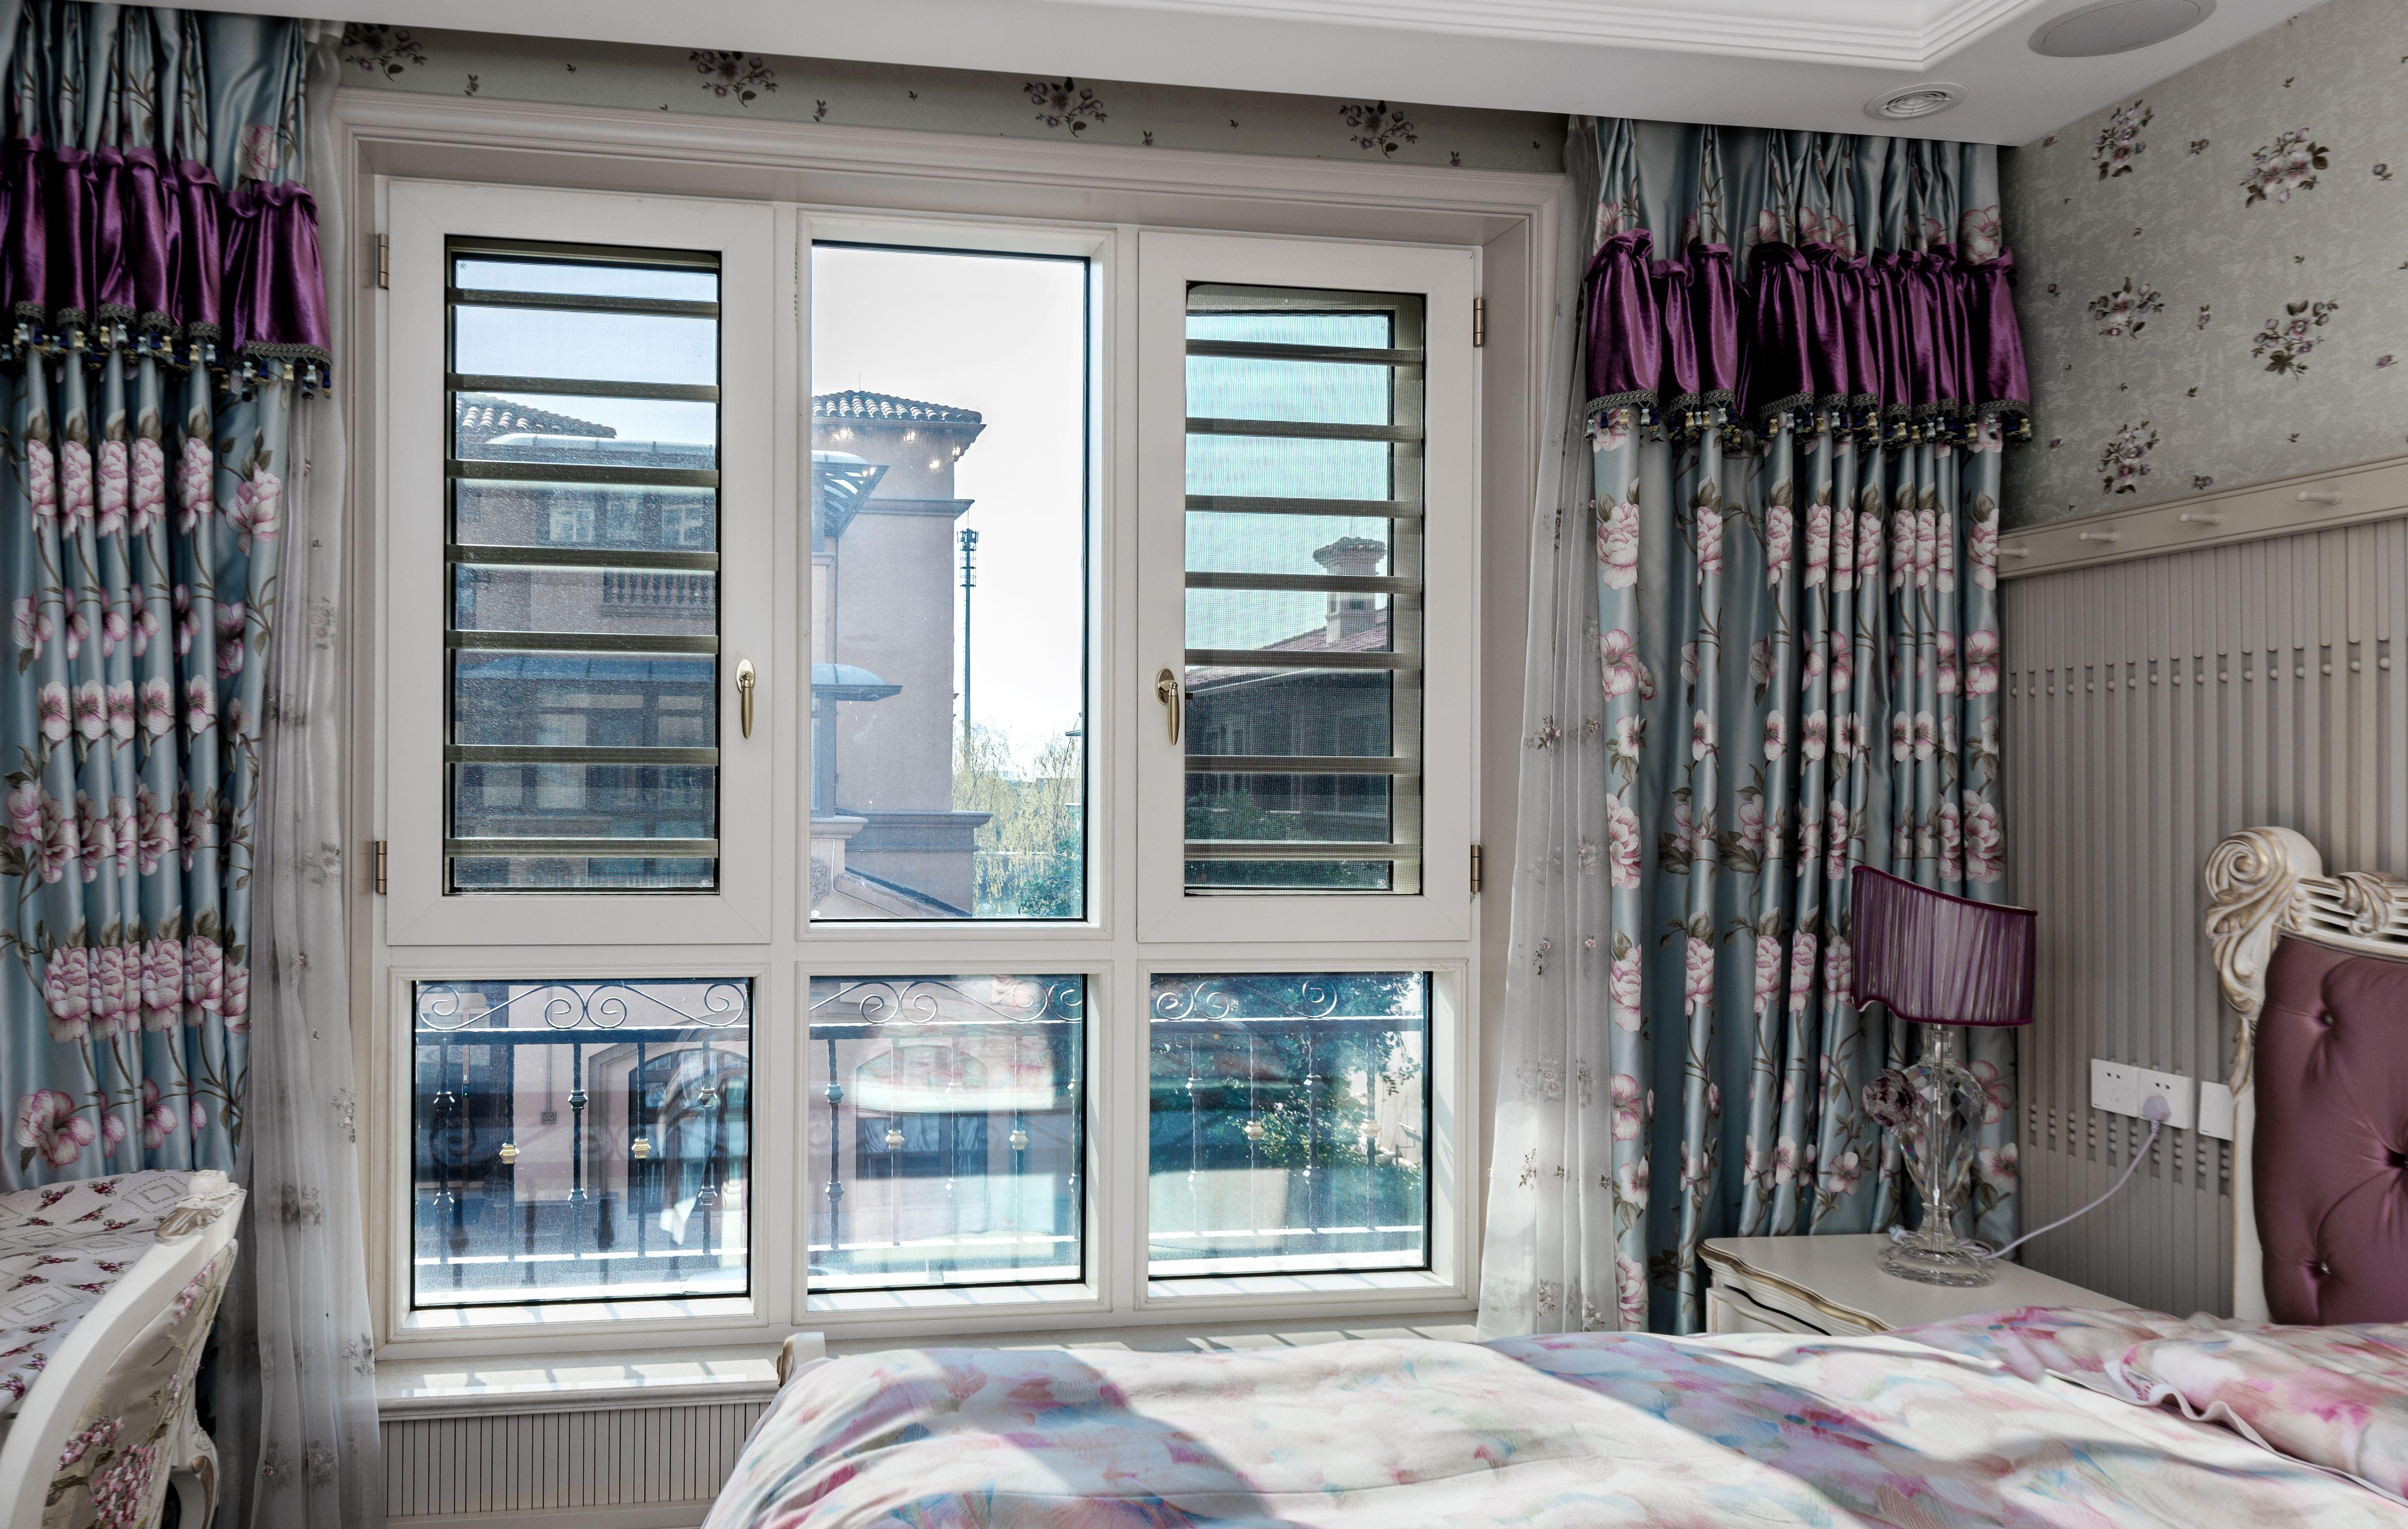 高端系统门窗厂家成图百灵鸟告诉您选好门窗一定要看的秘笈